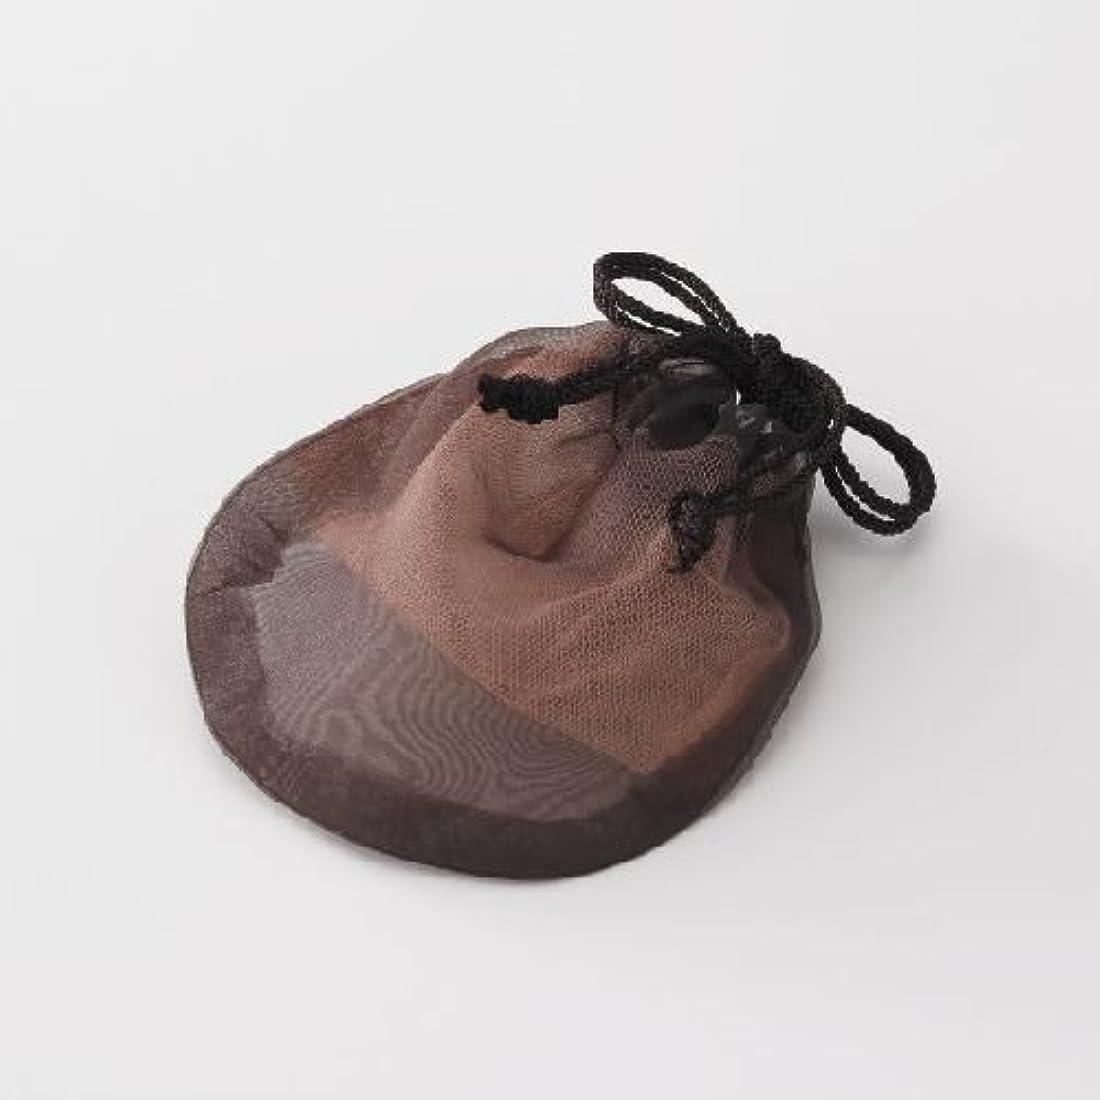 サスペンド単なるカメピギーバックス ソープネット 瞬時にマシュマロのようなお肌に負担をかけないキメ細かな泡をつくることができるオシャレなポーチ型オリジナル【泡だてネット】!衛生的に固形石鹸の保存もできます。